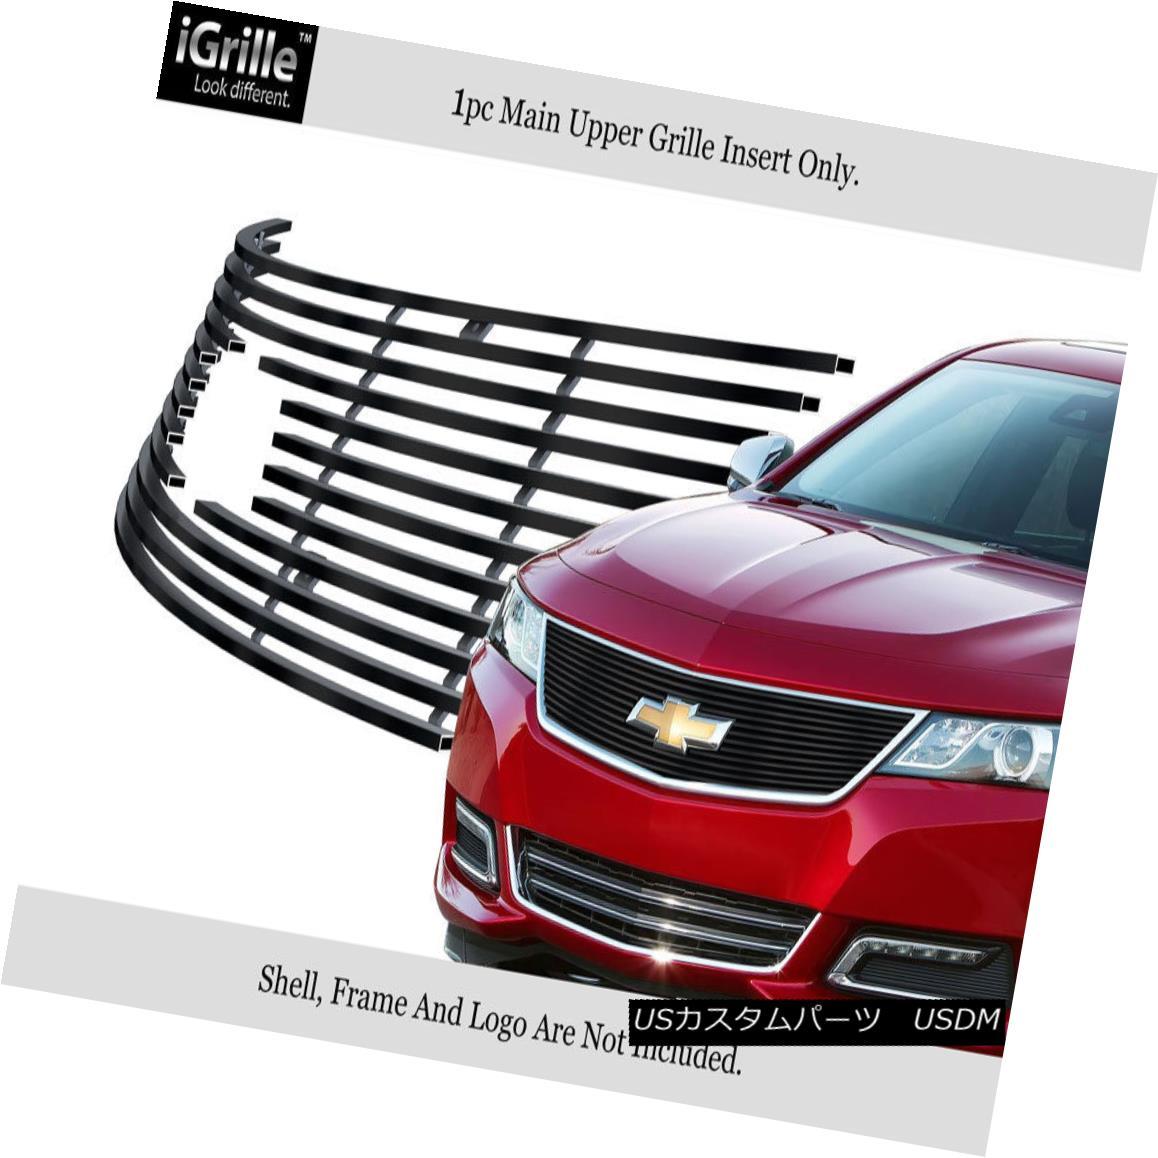 グリル Fits 2014-2016 Chevy Impala Logo Show Stainless Steel Upper Billet Grille フィット2014-2016シボレーインパラロゴショーステンレス鋼アッパービレットグリル